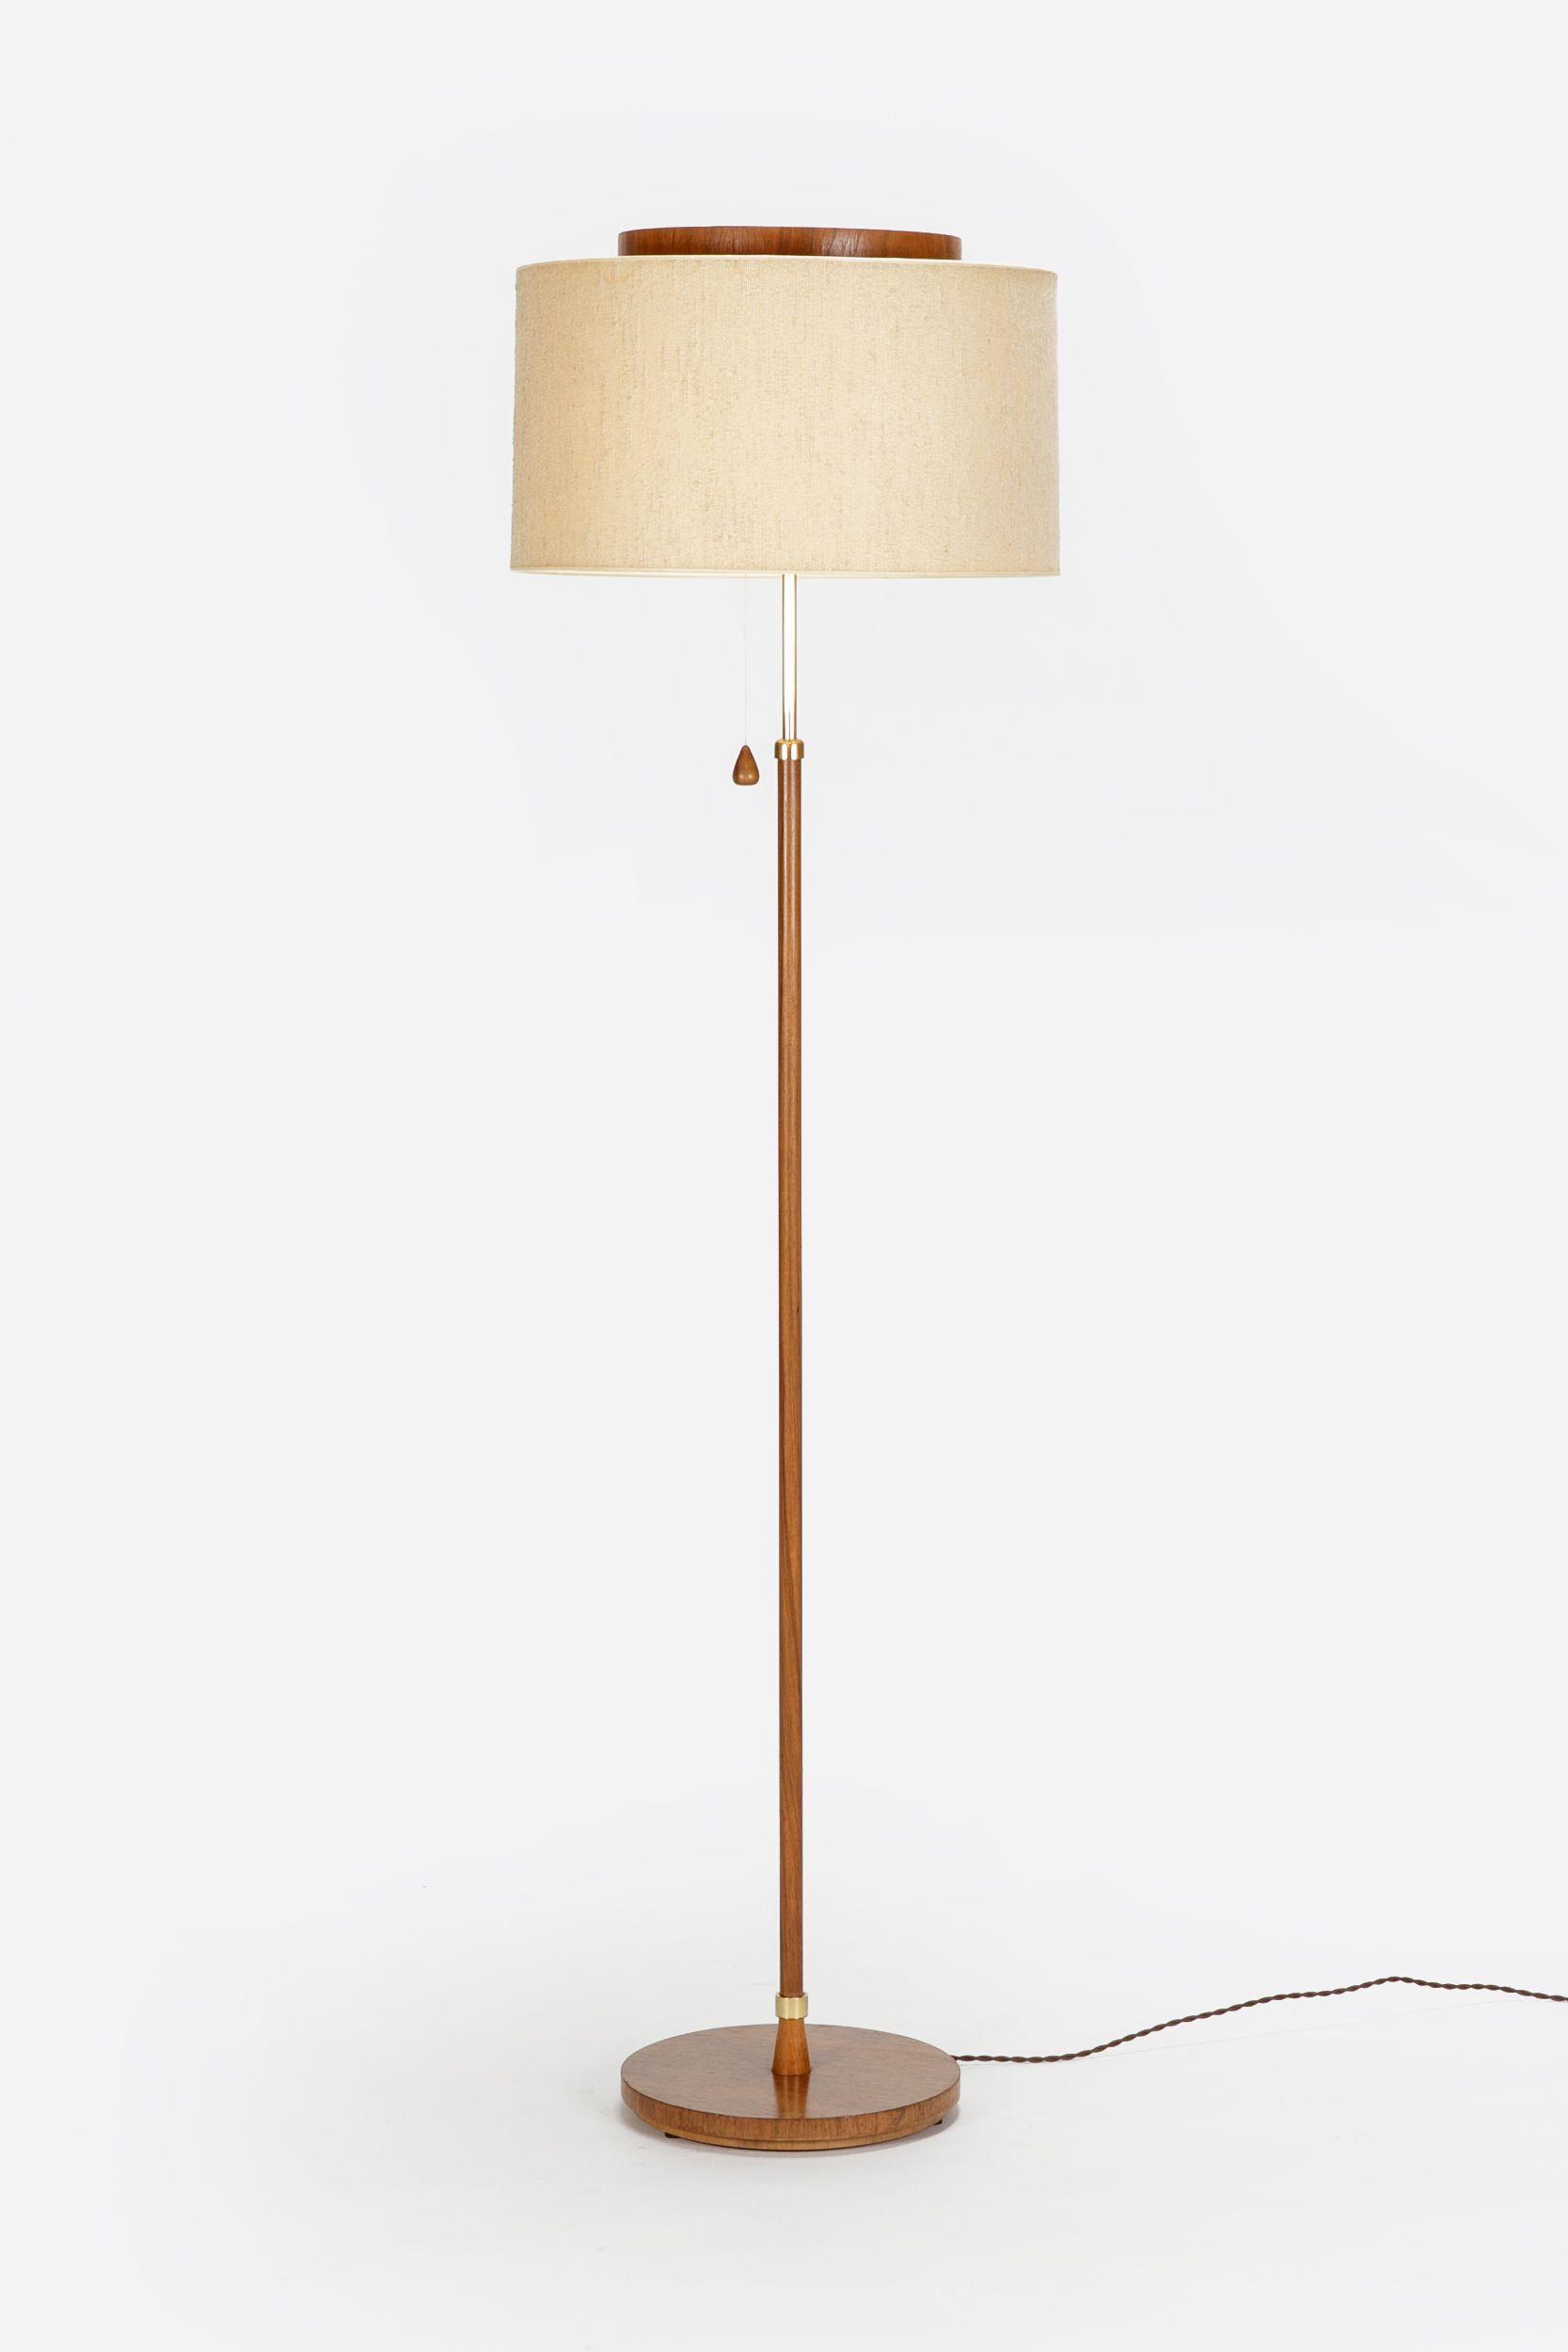 Temde Floor Lamp Teak 50 S Okay Art Lamp Lamps Living Room Brass Floor Lamp